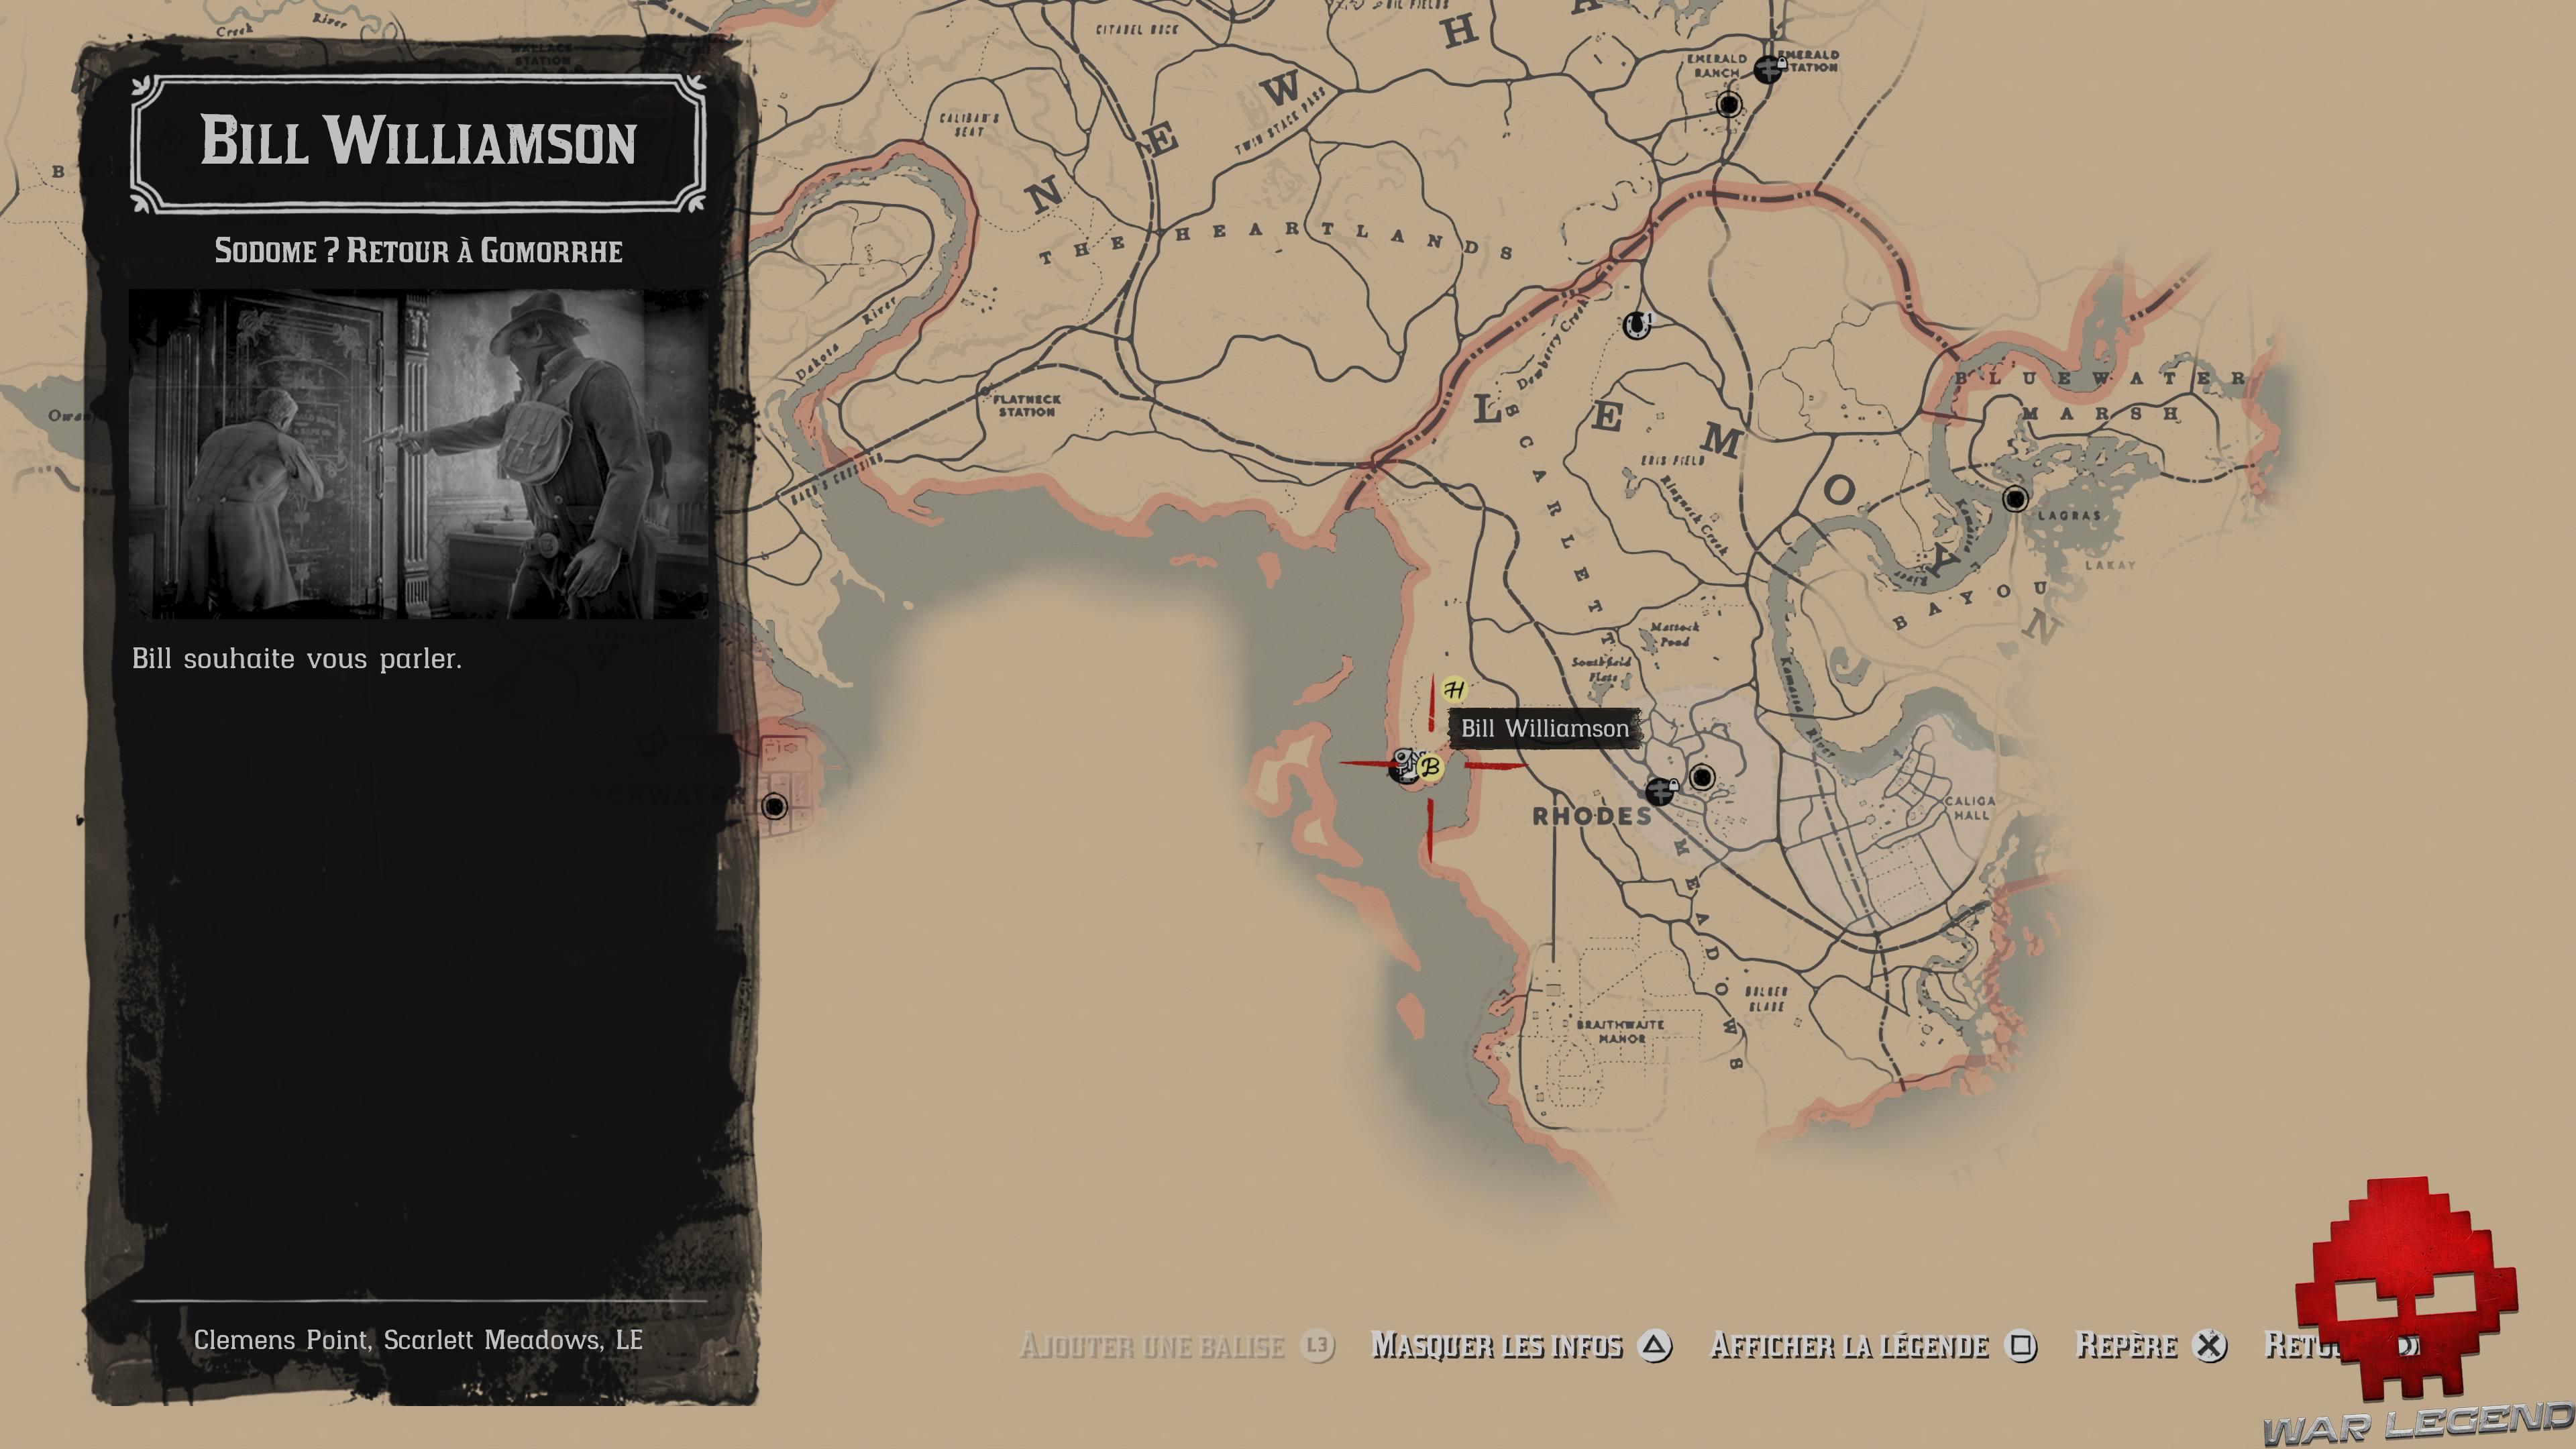 Vignettes soluce red dead redemption 2 sodome retour à gomorrhe carte